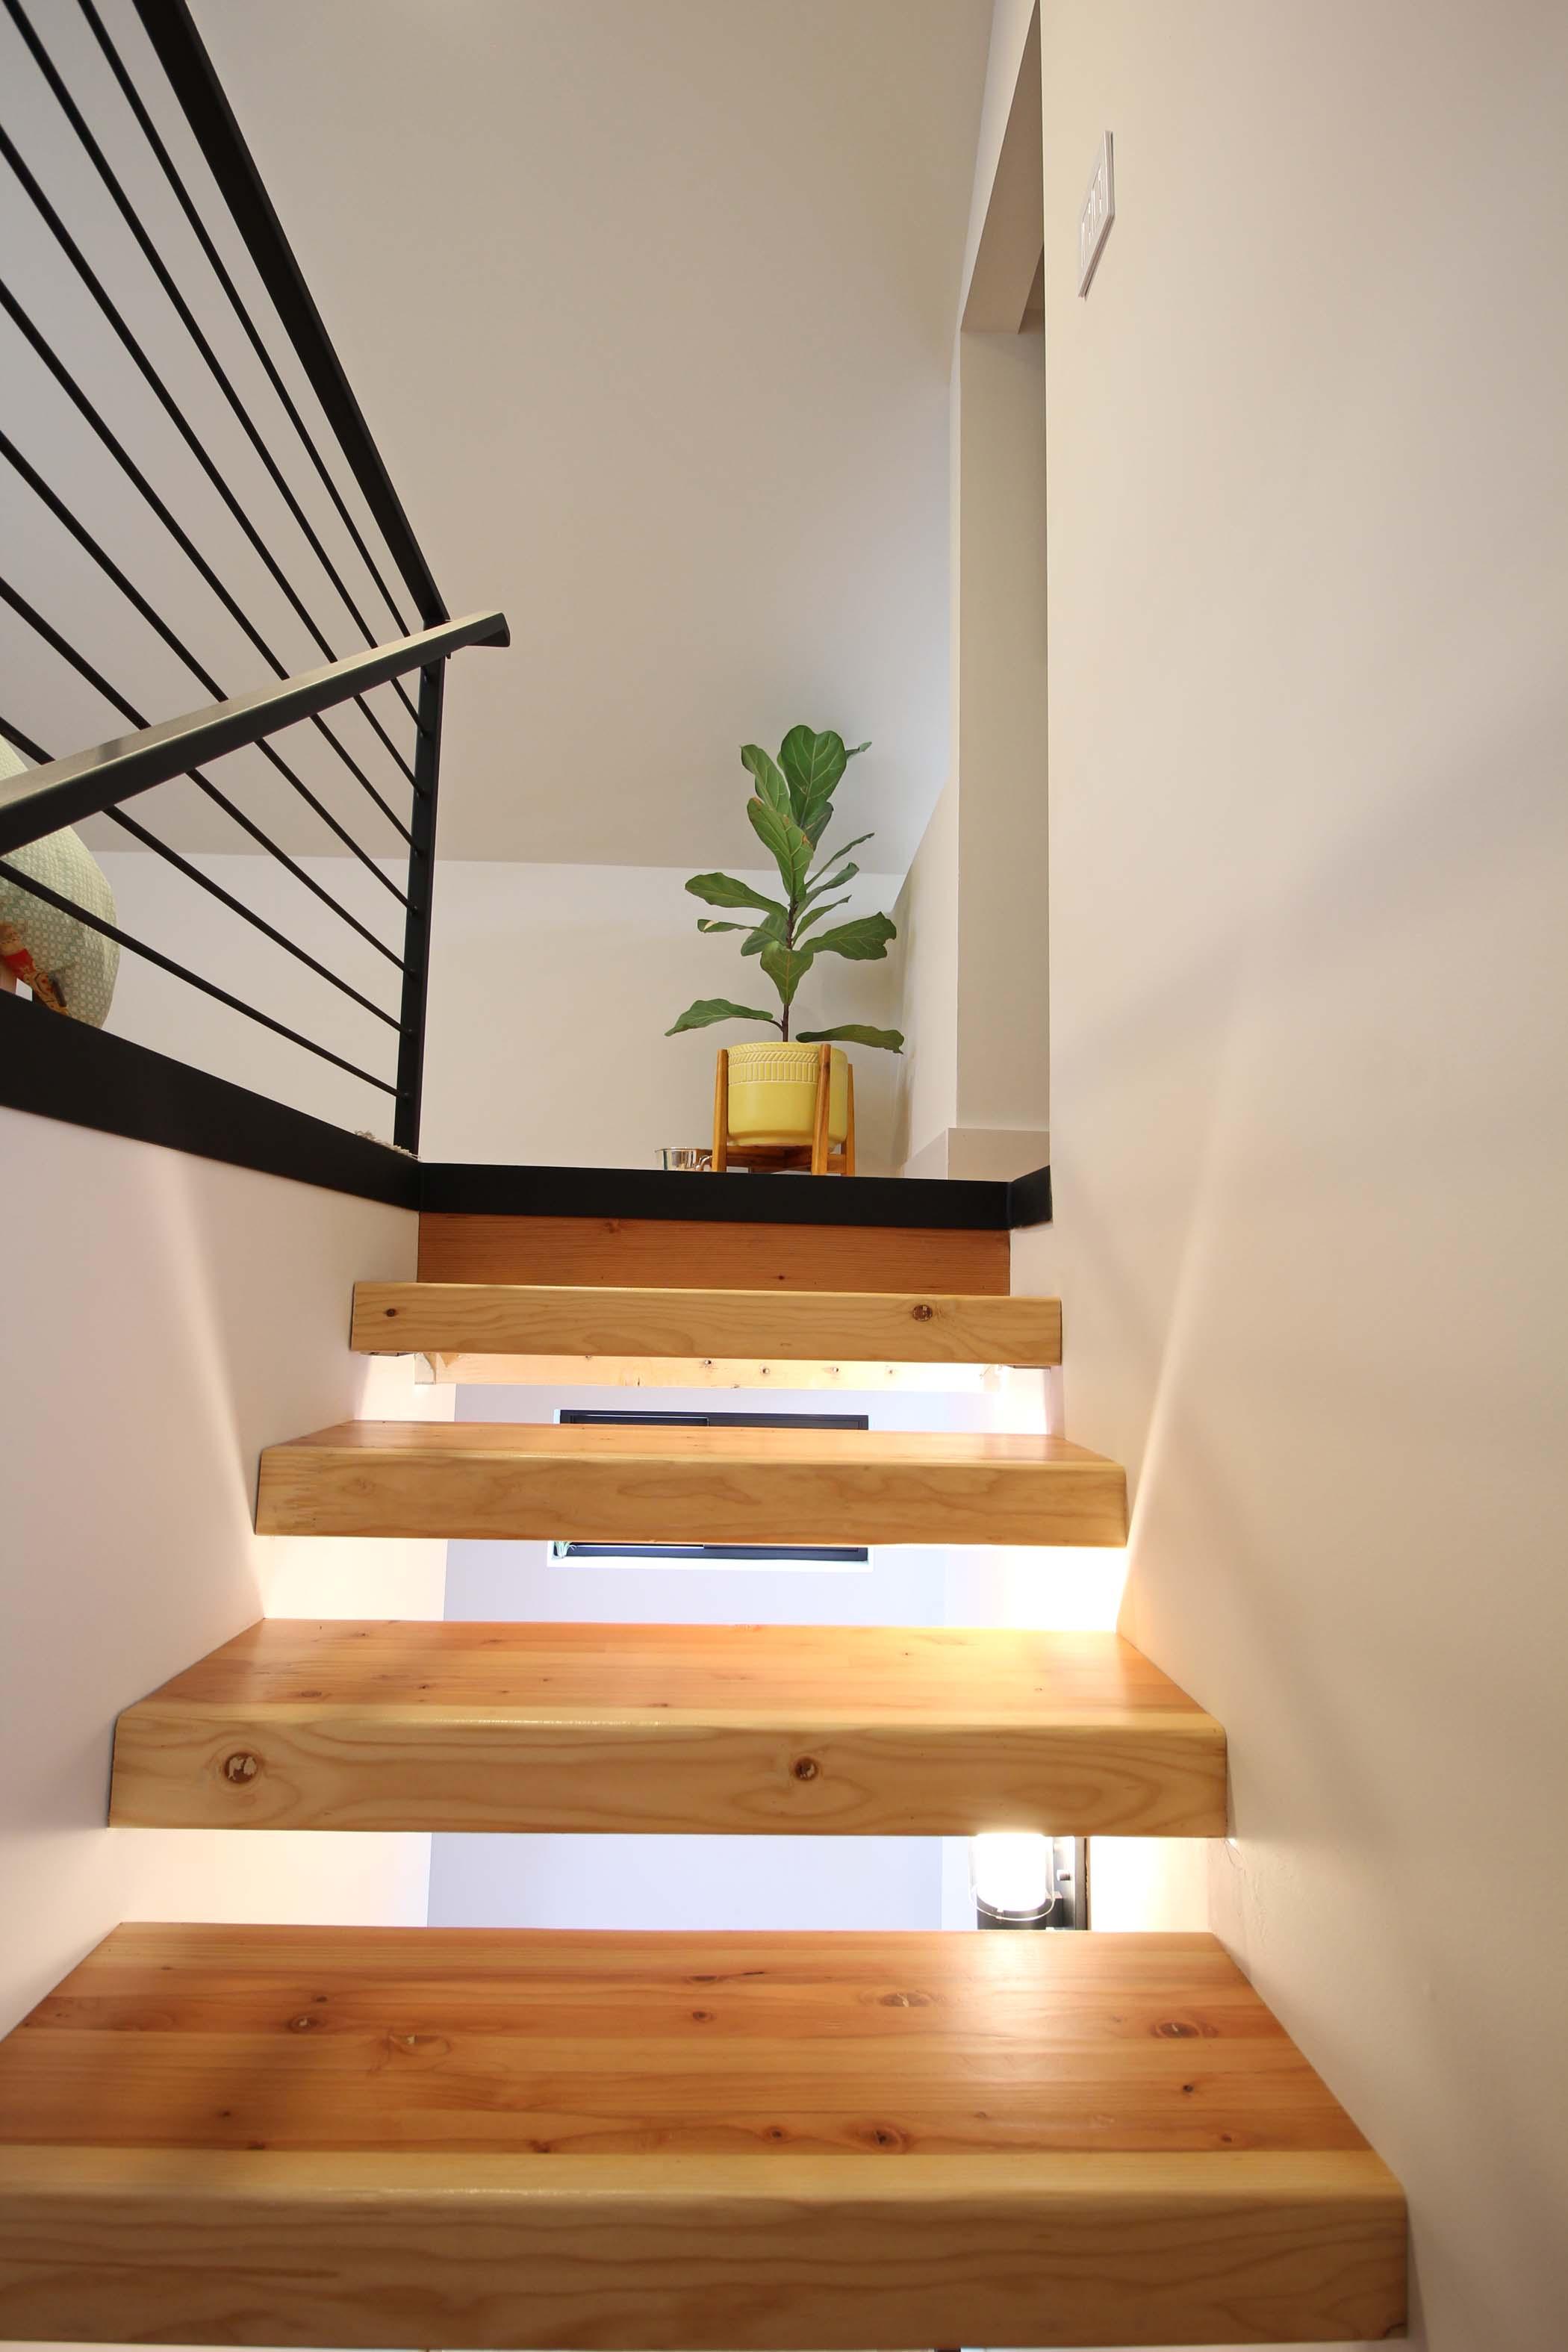 stair 2sm (2).jpg